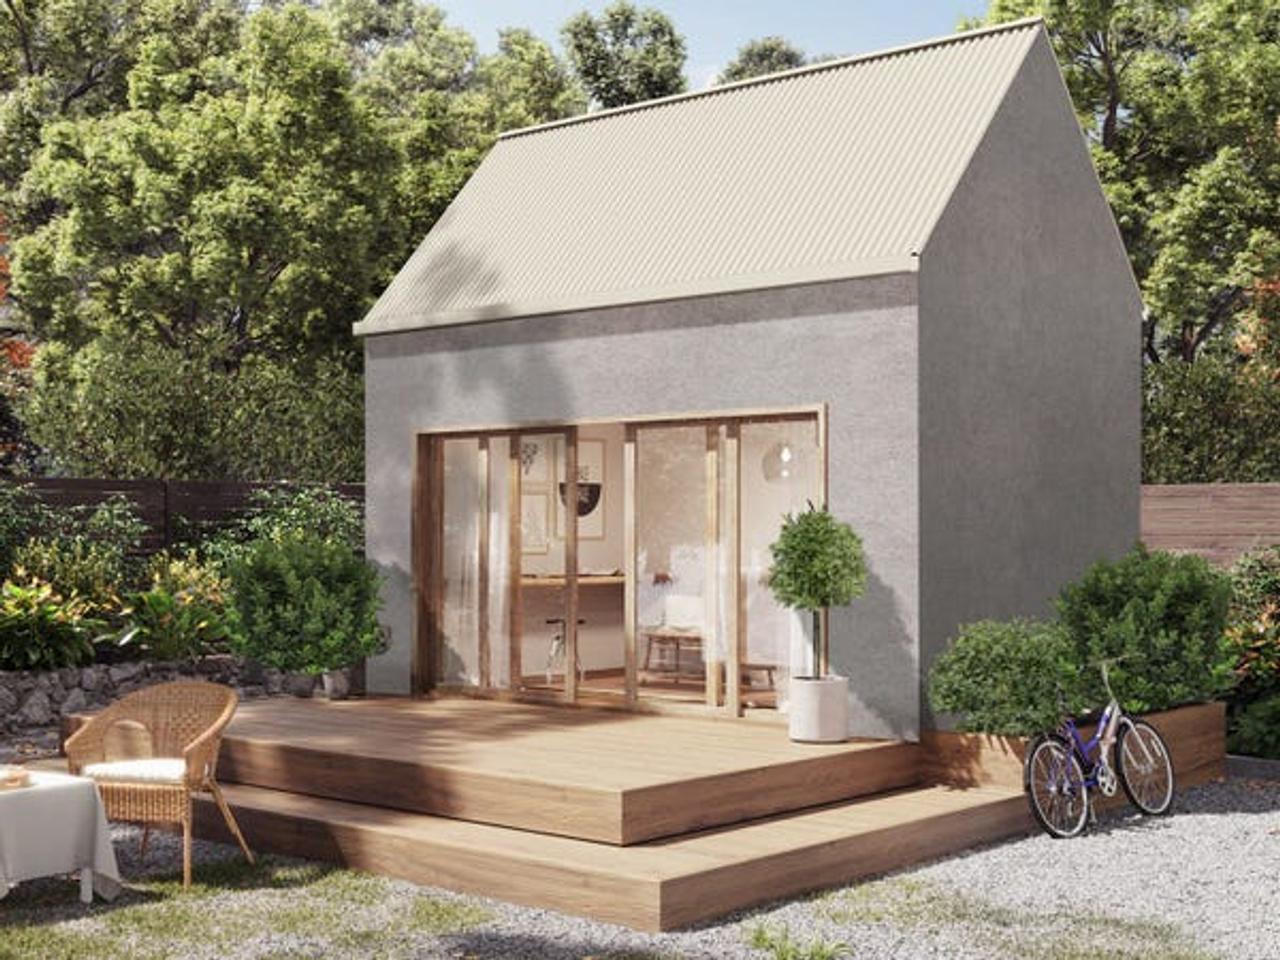 «Конопляный» домик для уютных вечерних посиделок обеспечит комфортное и веселое времяпровождение